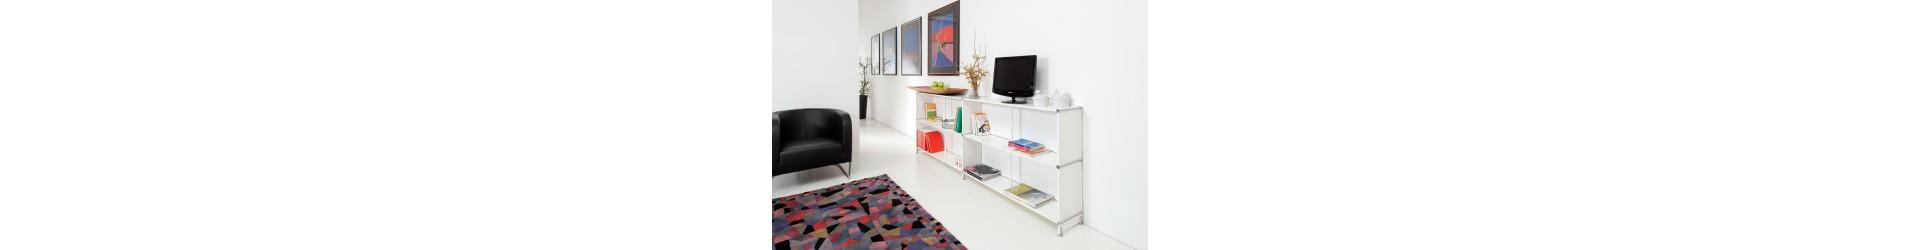 Muebles, objetos y diseño